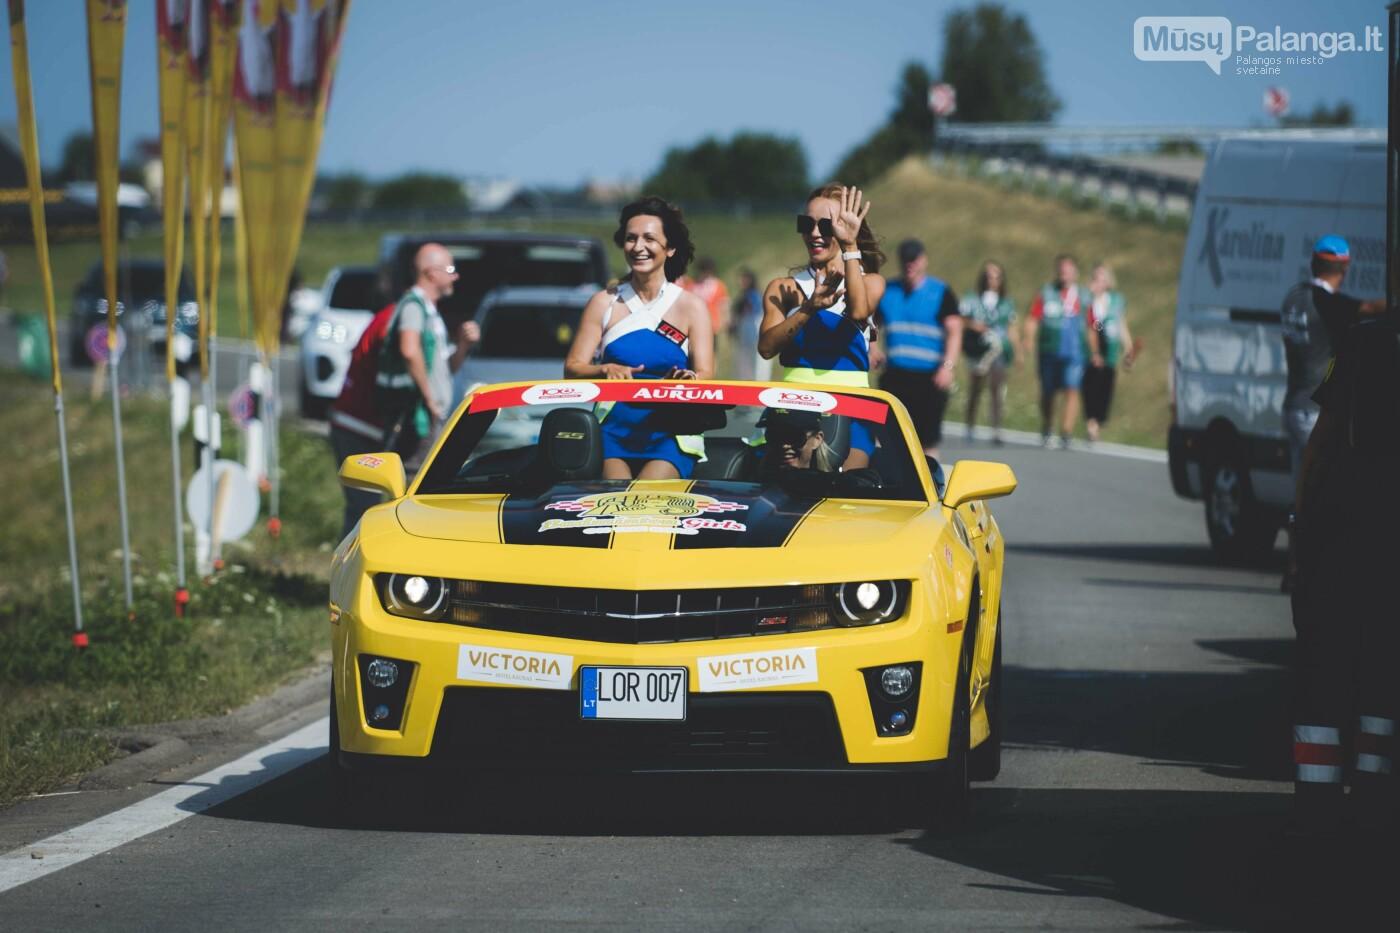 Žiūrovus žavėjo kilometrinė moterų iššūkio dalyvių kolona, nuotrauka-23, Vytauto PILKAUSKO ir Arno STRUMILOS nuotraukos